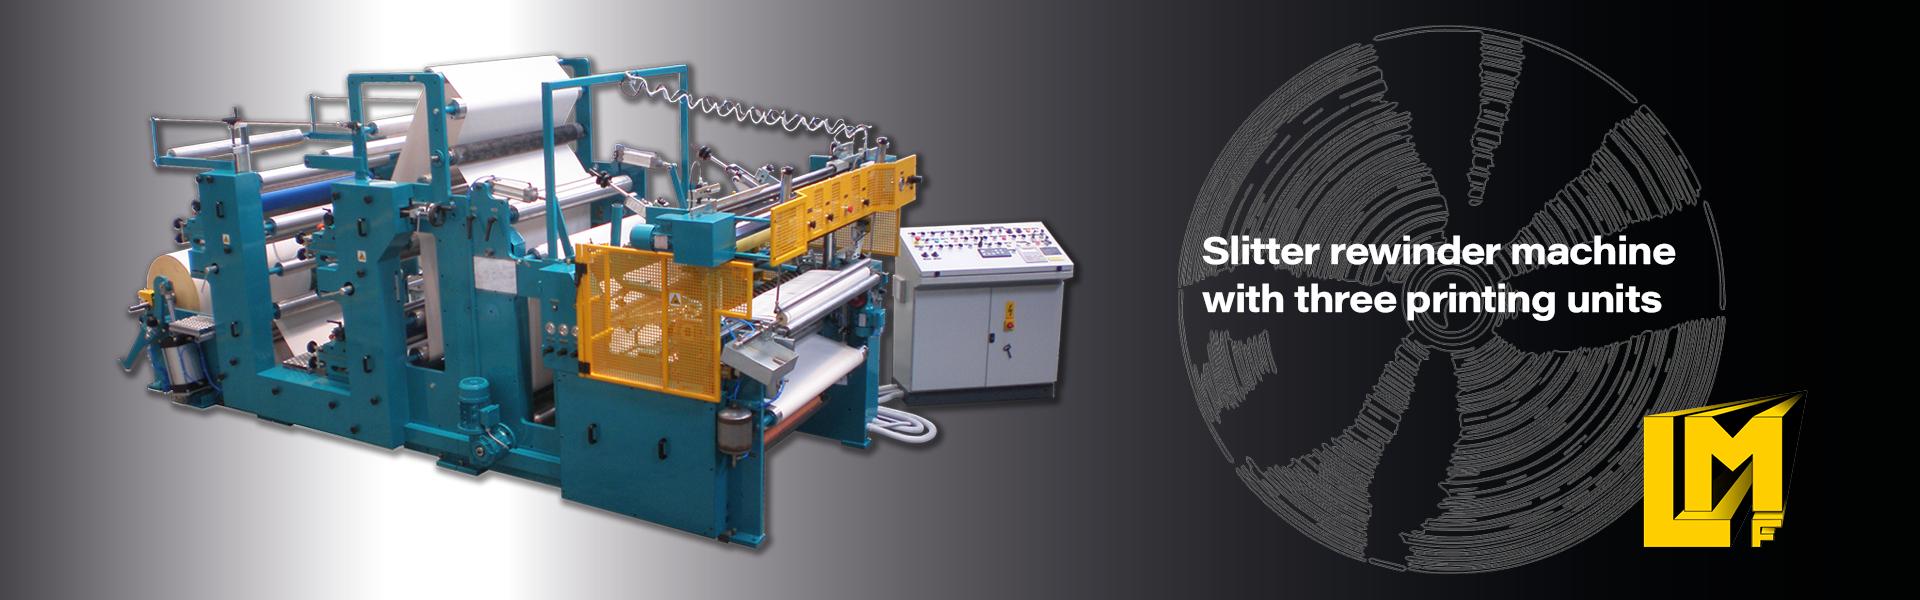 Slitter rewinder for cash register thermal paper rolls, POS ATM